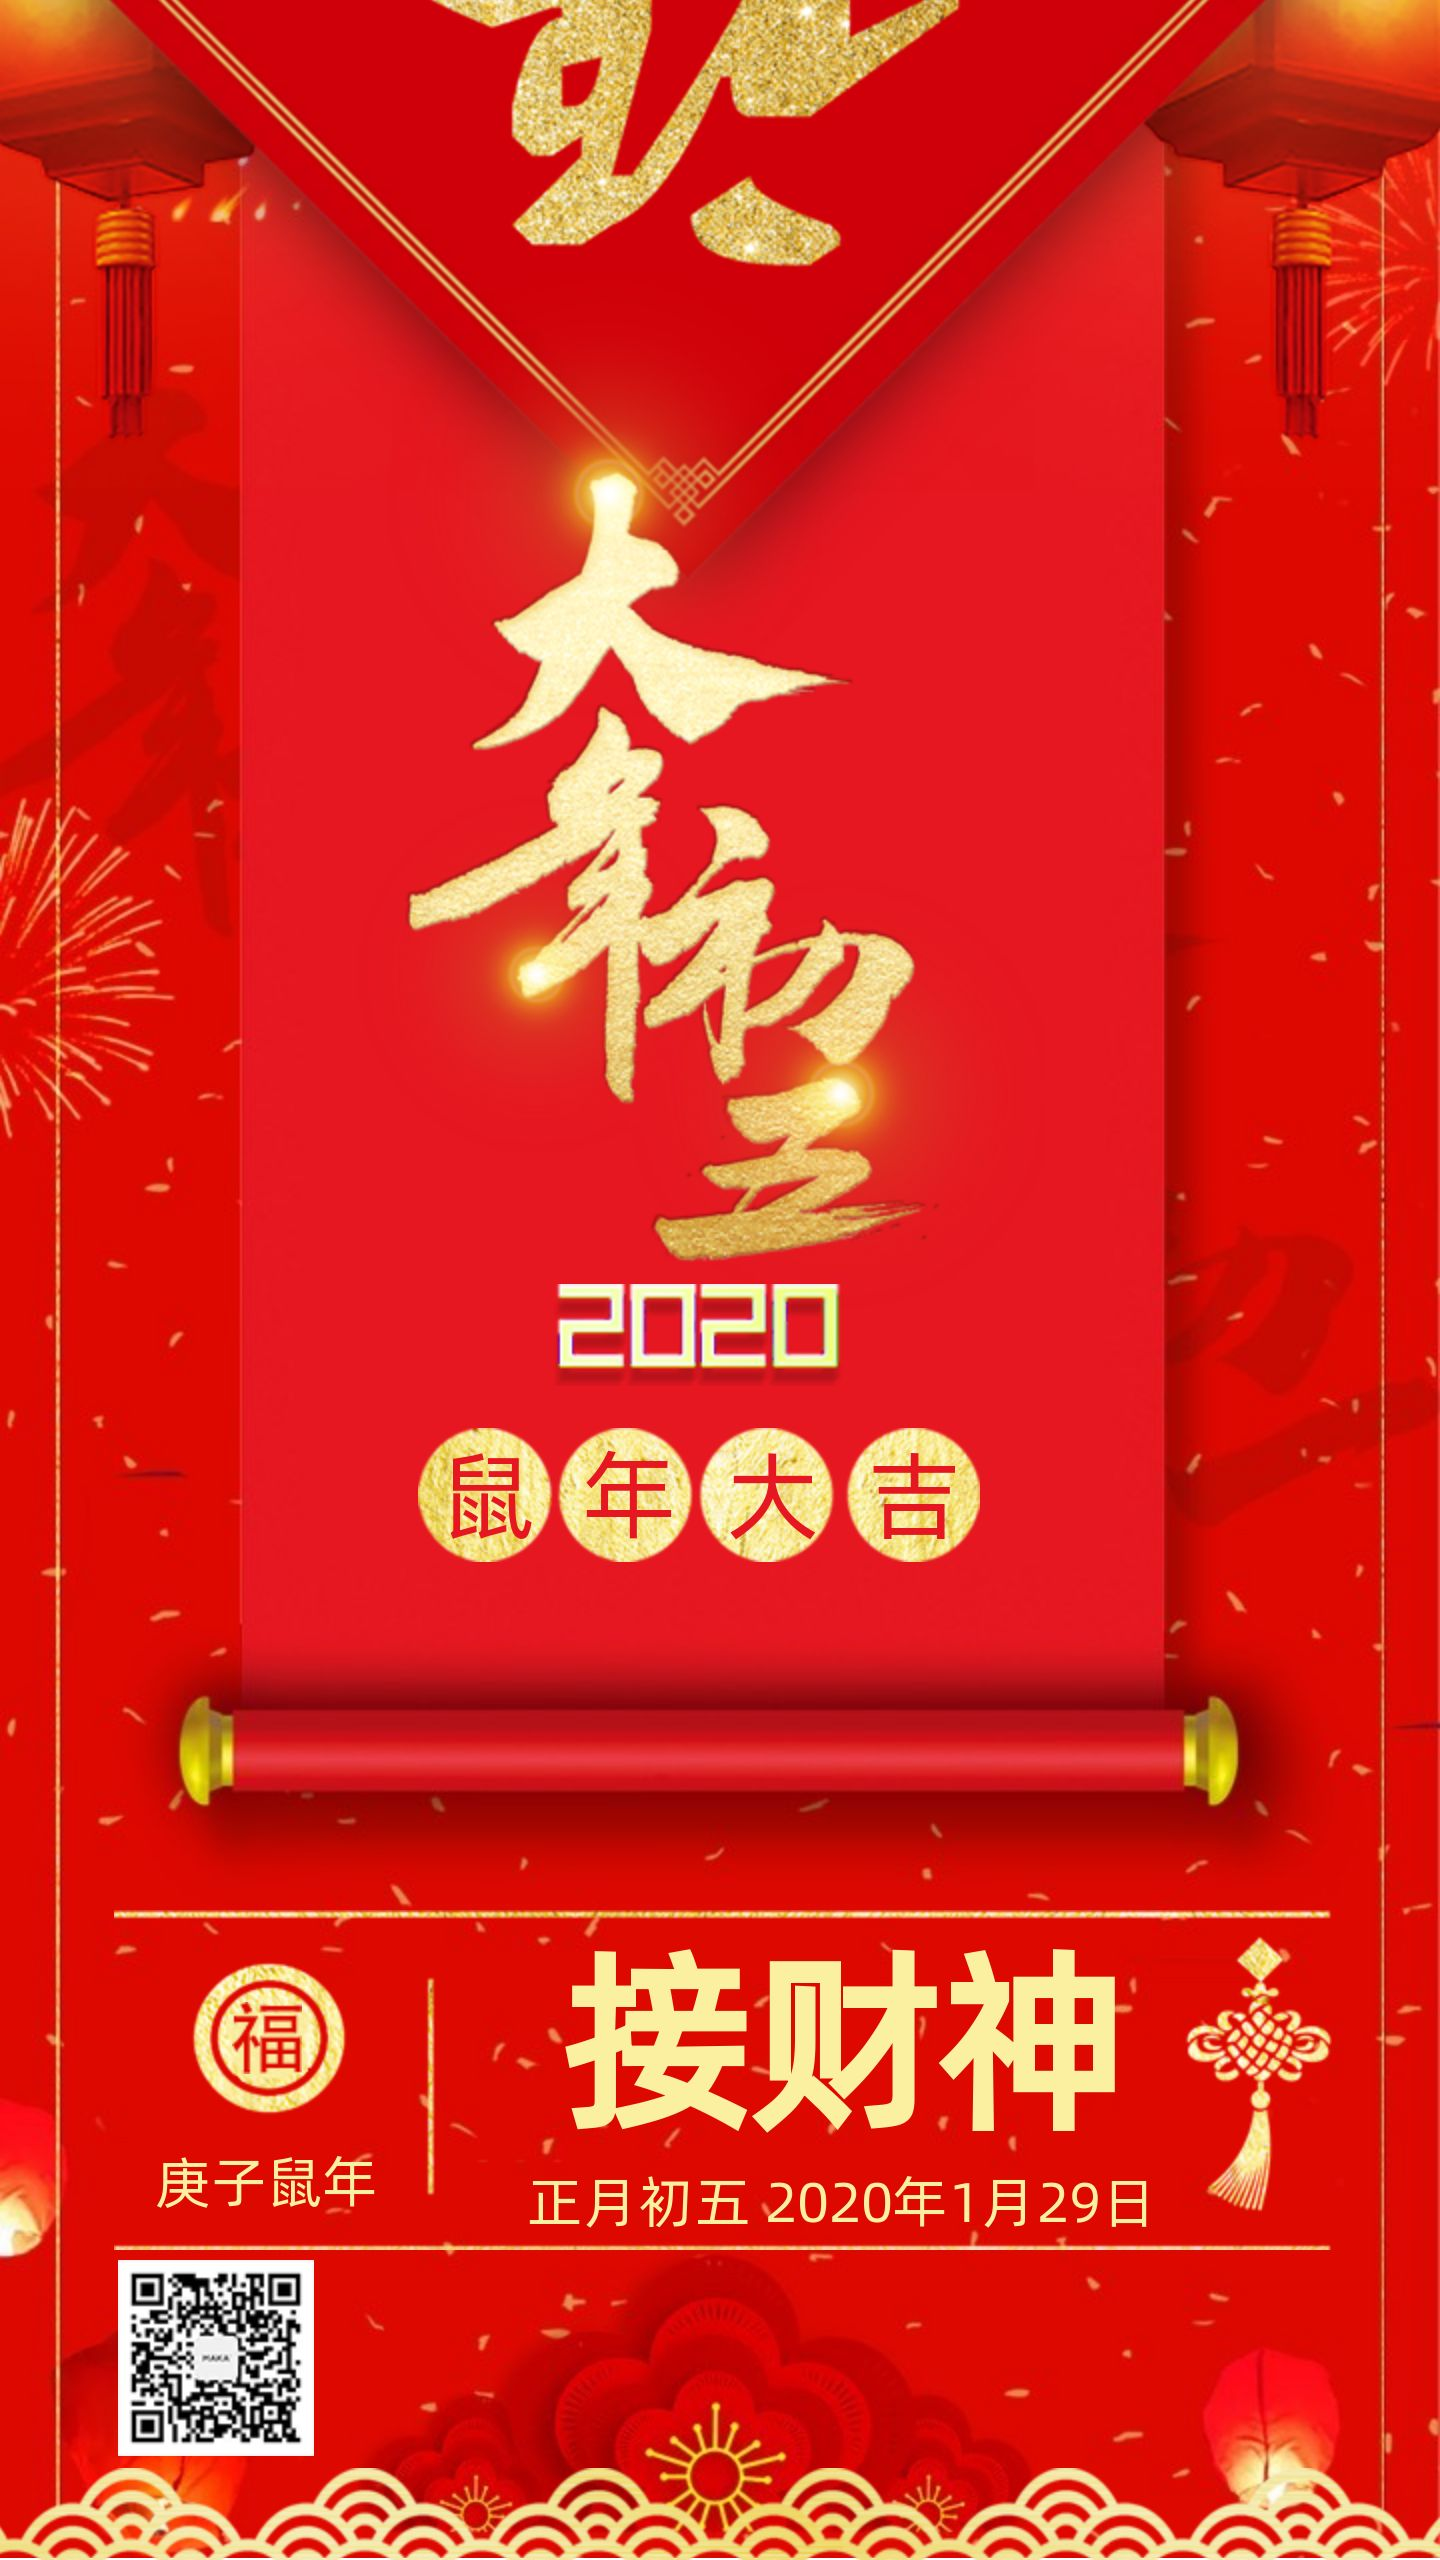 正月初五接财神中国风2020鼠年春节祝福大年初五拜年手机版新年日签习俗海报